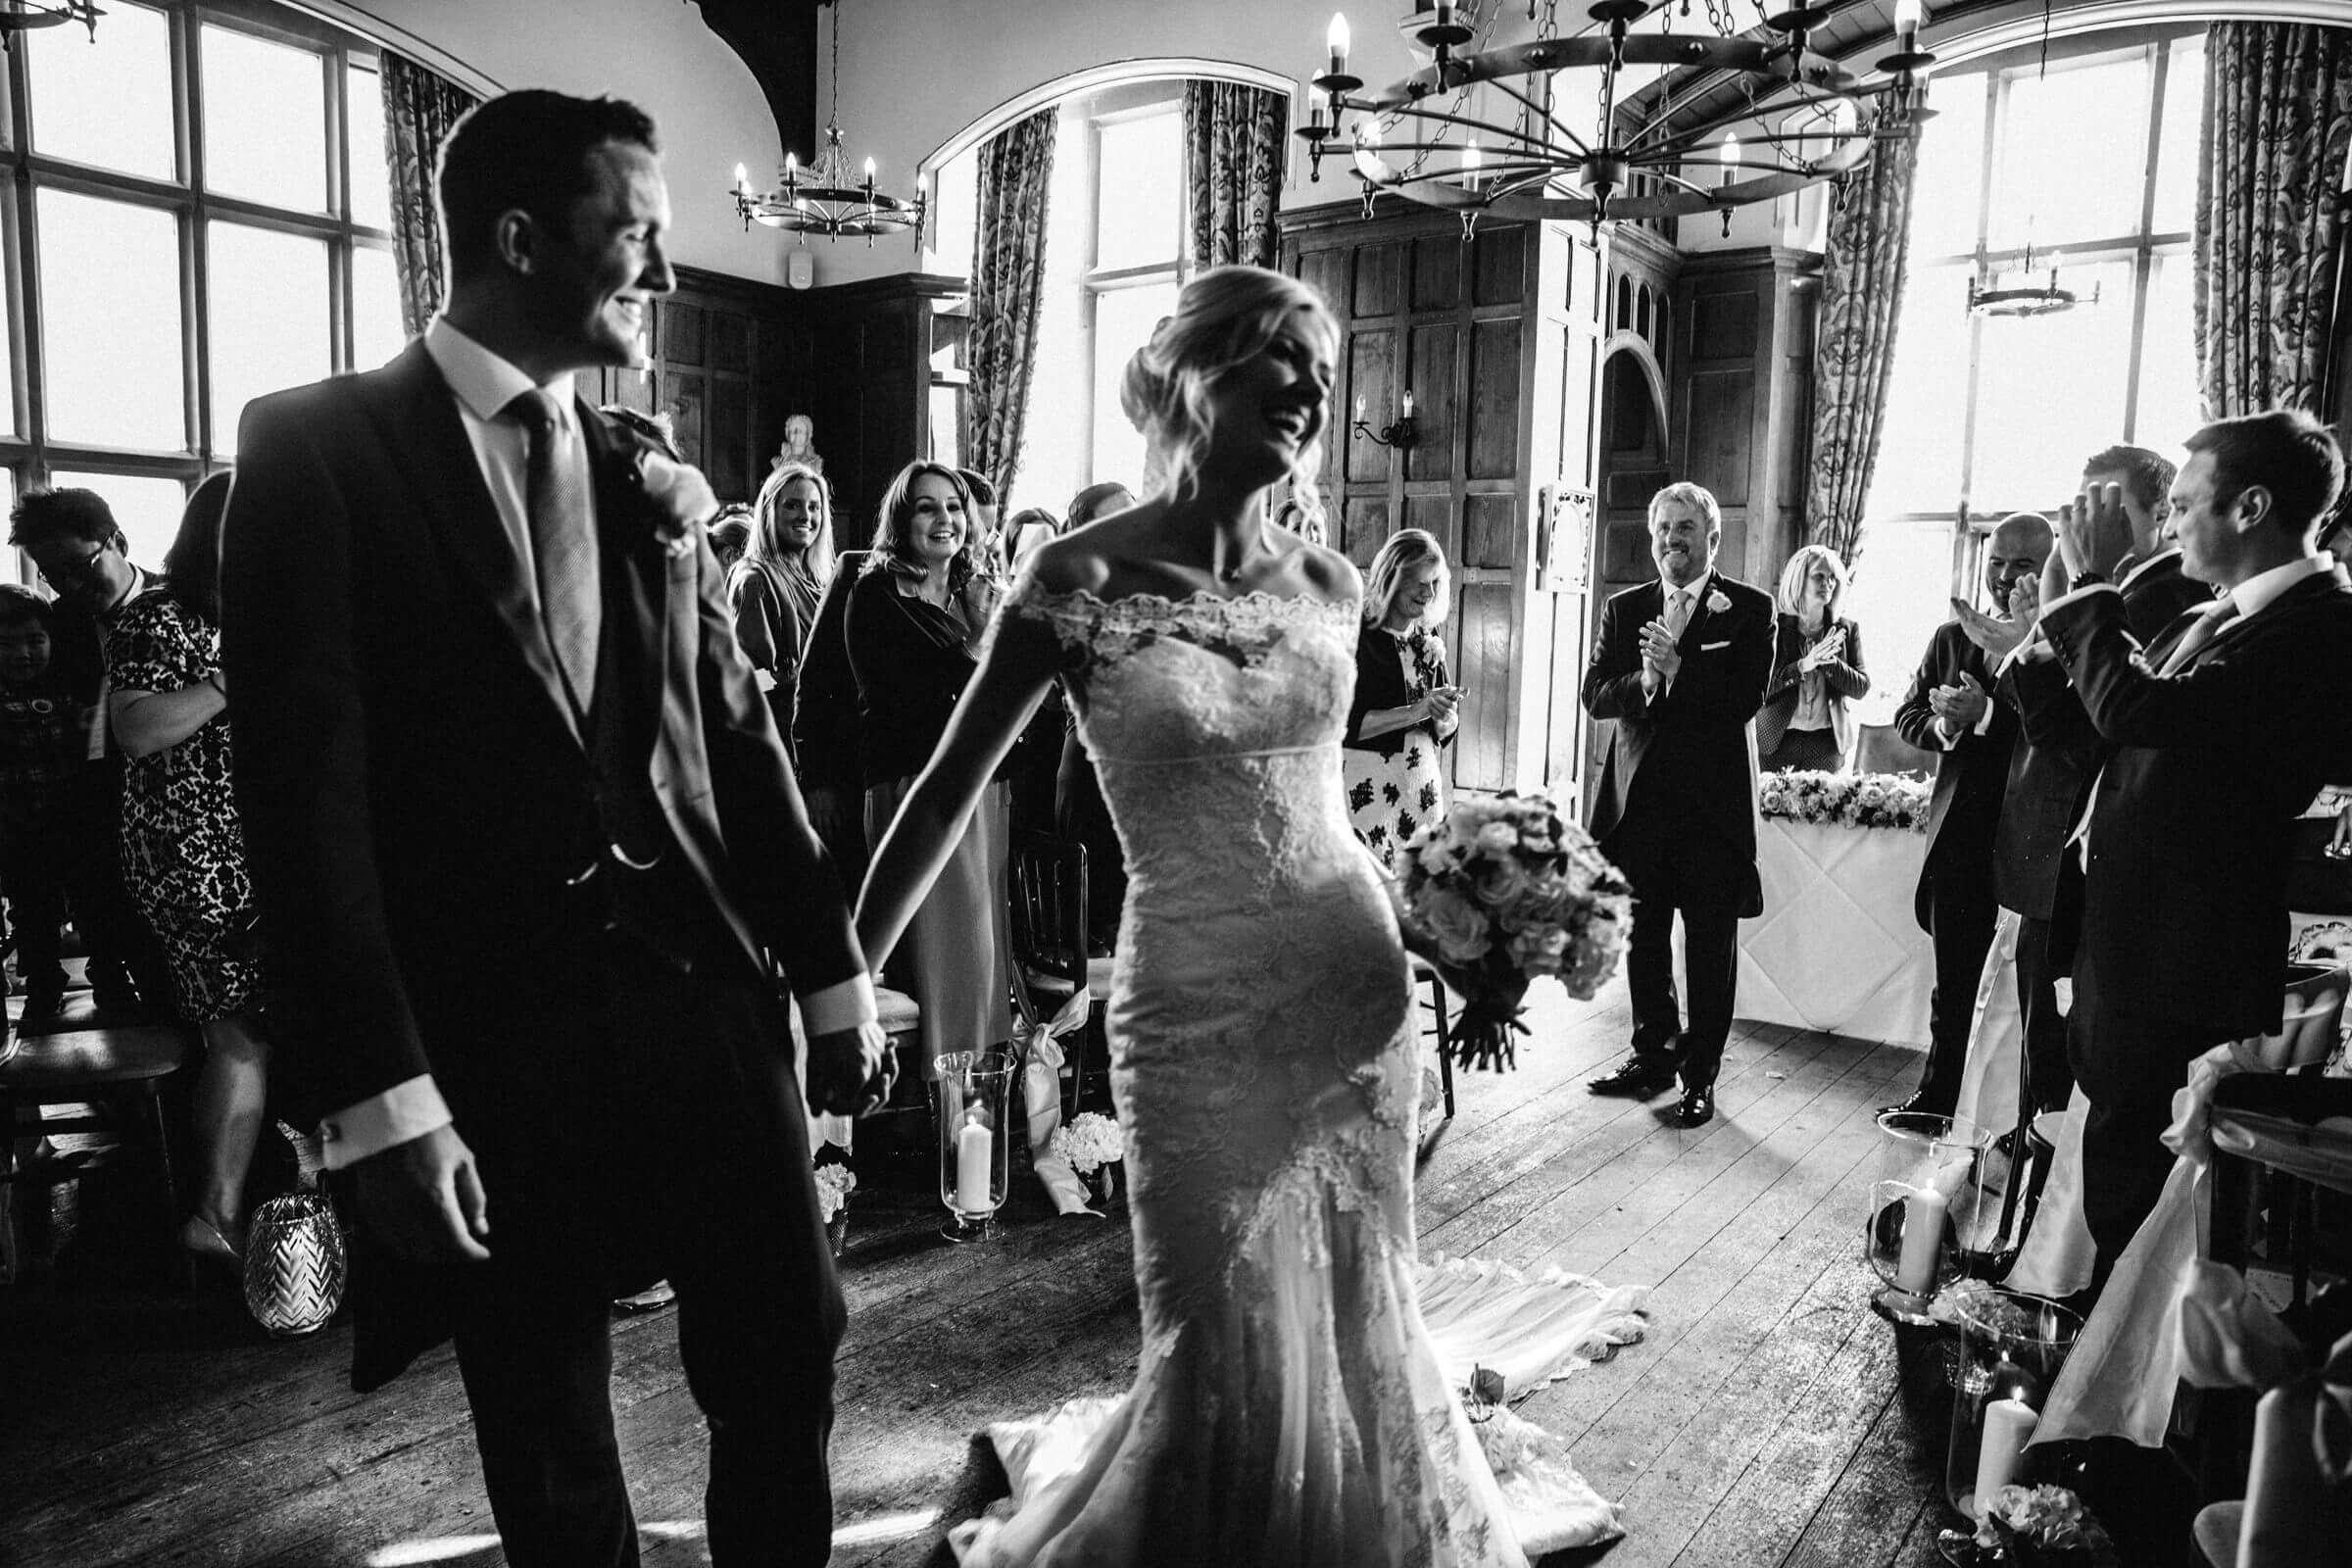 Chateau_Rhianfa_Wedding_Photography_033.jpg